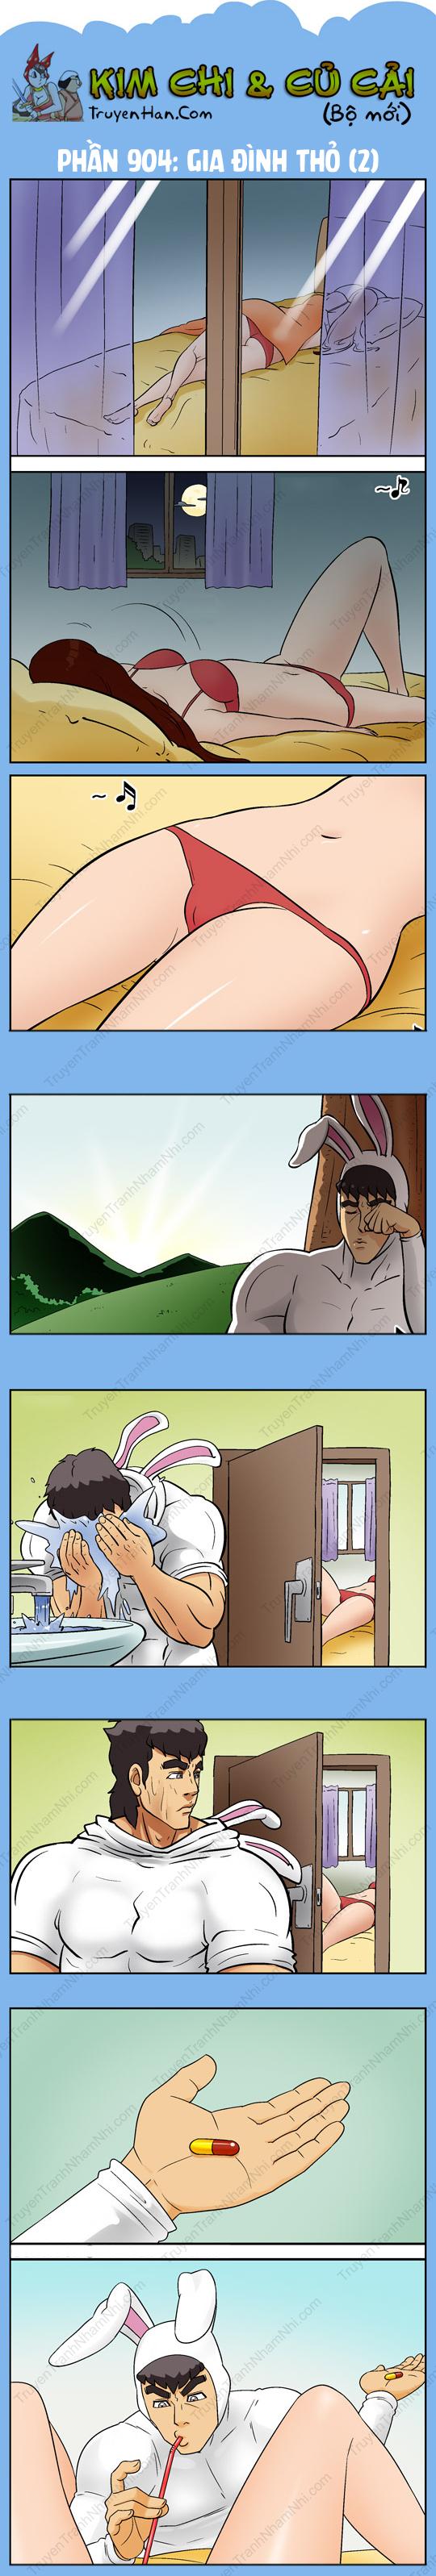 Kim Chi Và Củ Cải Phần 904: Gia đình thỏ (2)